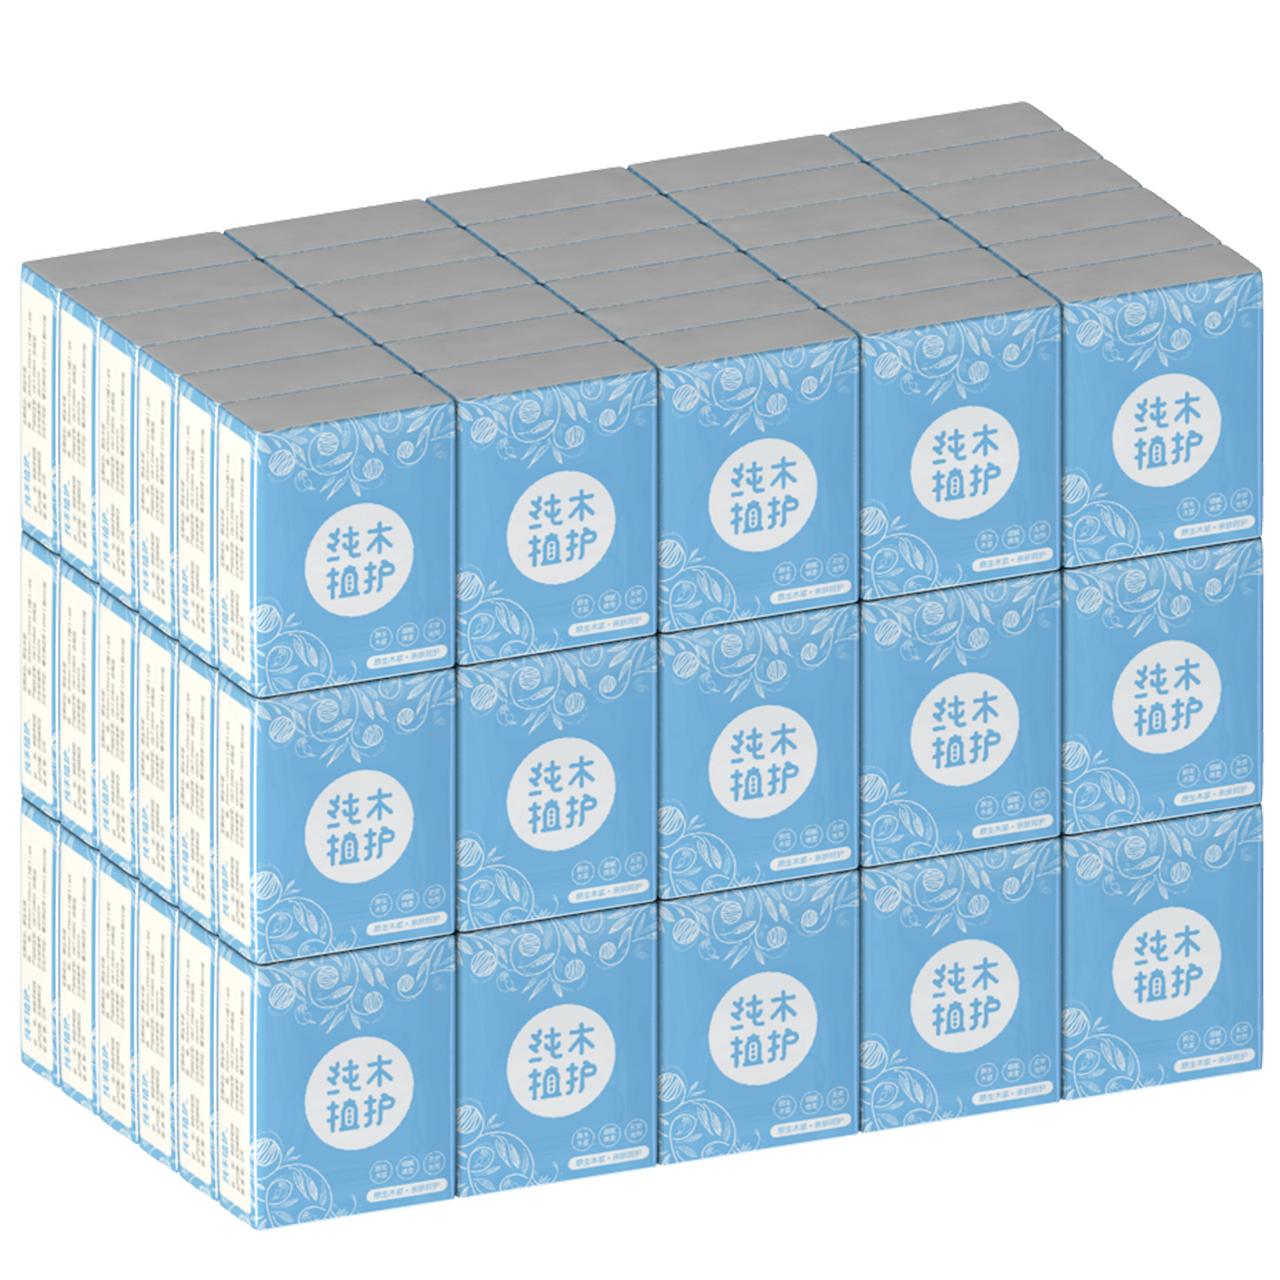 植护手帕纸巾小包装便携式随身装餐巾纸卫生纸可爱迷你面巾纸整箱